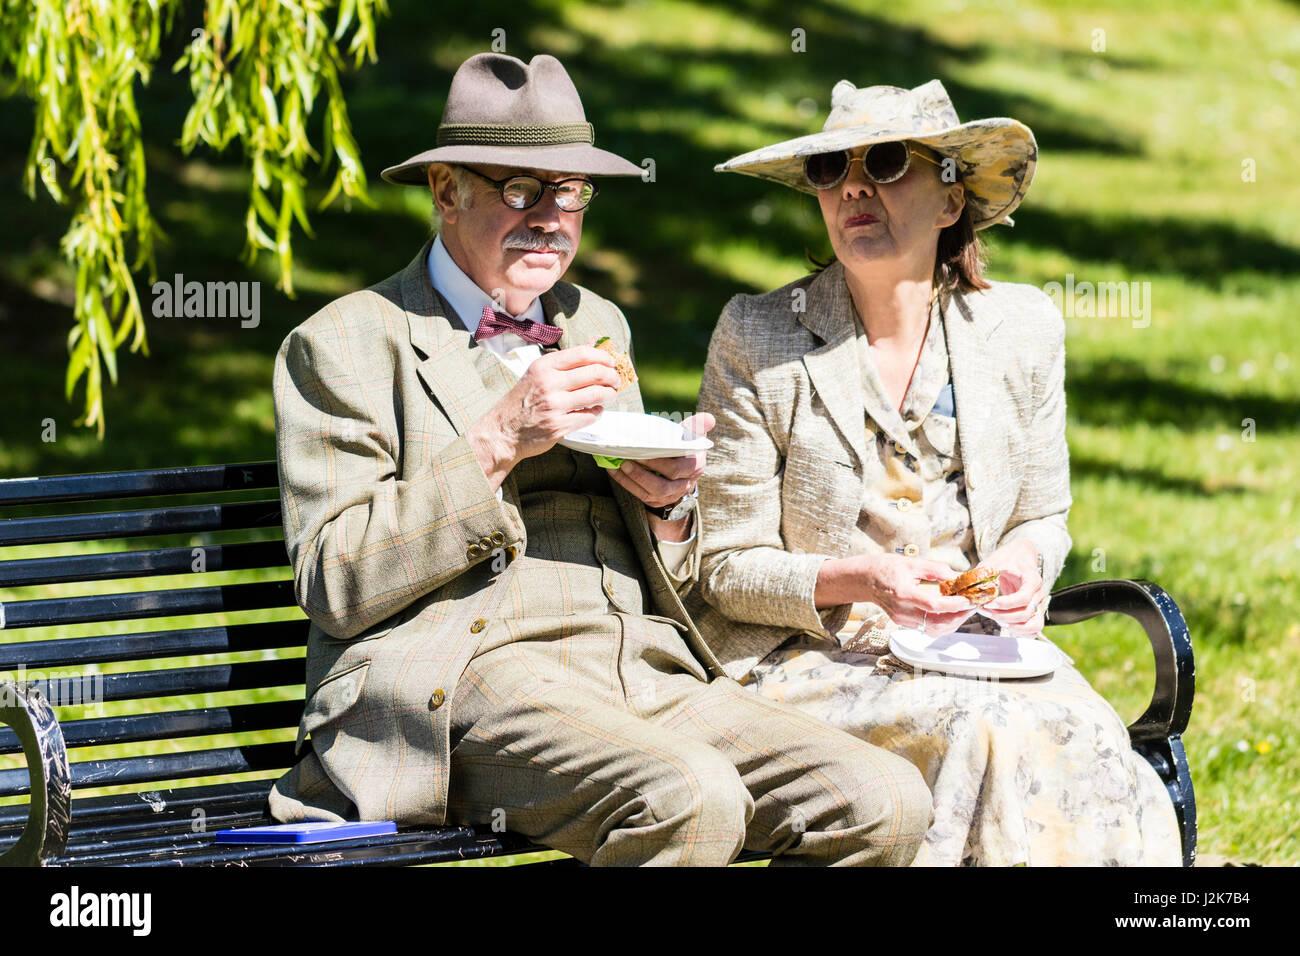 Gruß an die 40s Ereignis. Ein älteres Paar auf einer Parkbank ihre Sandwiches Pause für ein Foto Stockbild